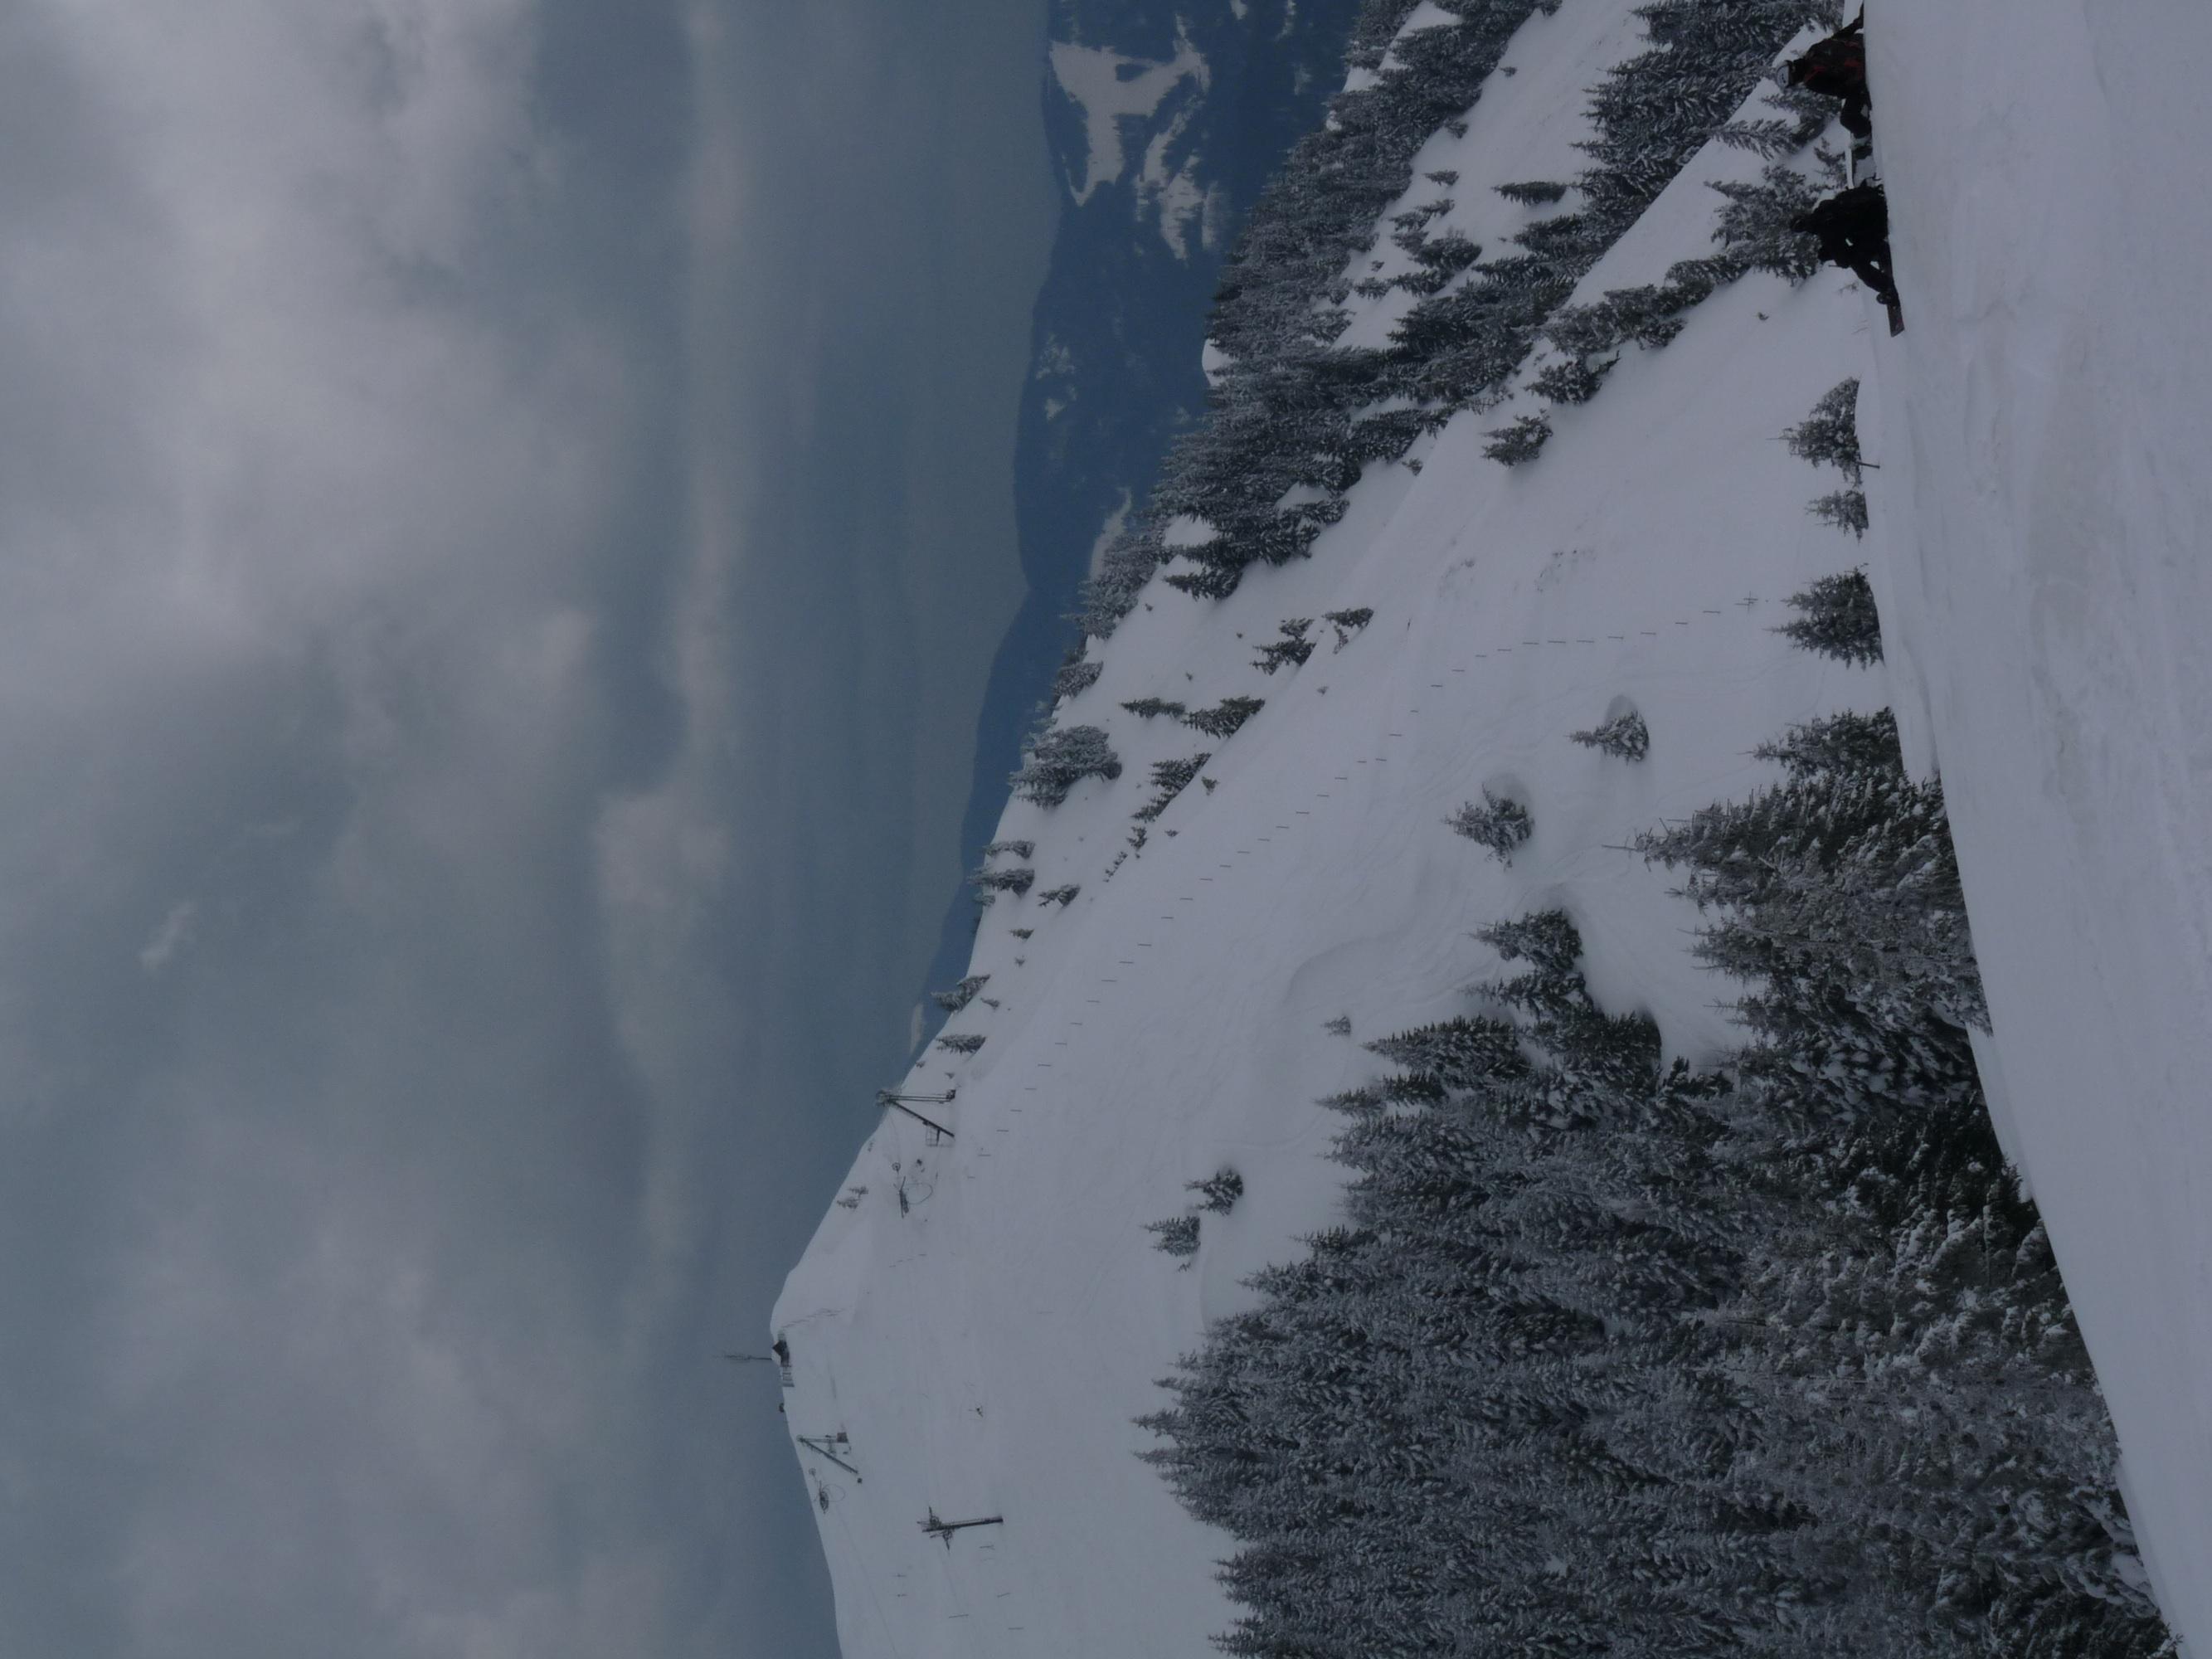 Looking towards Lajnar peak., Soriska Planina